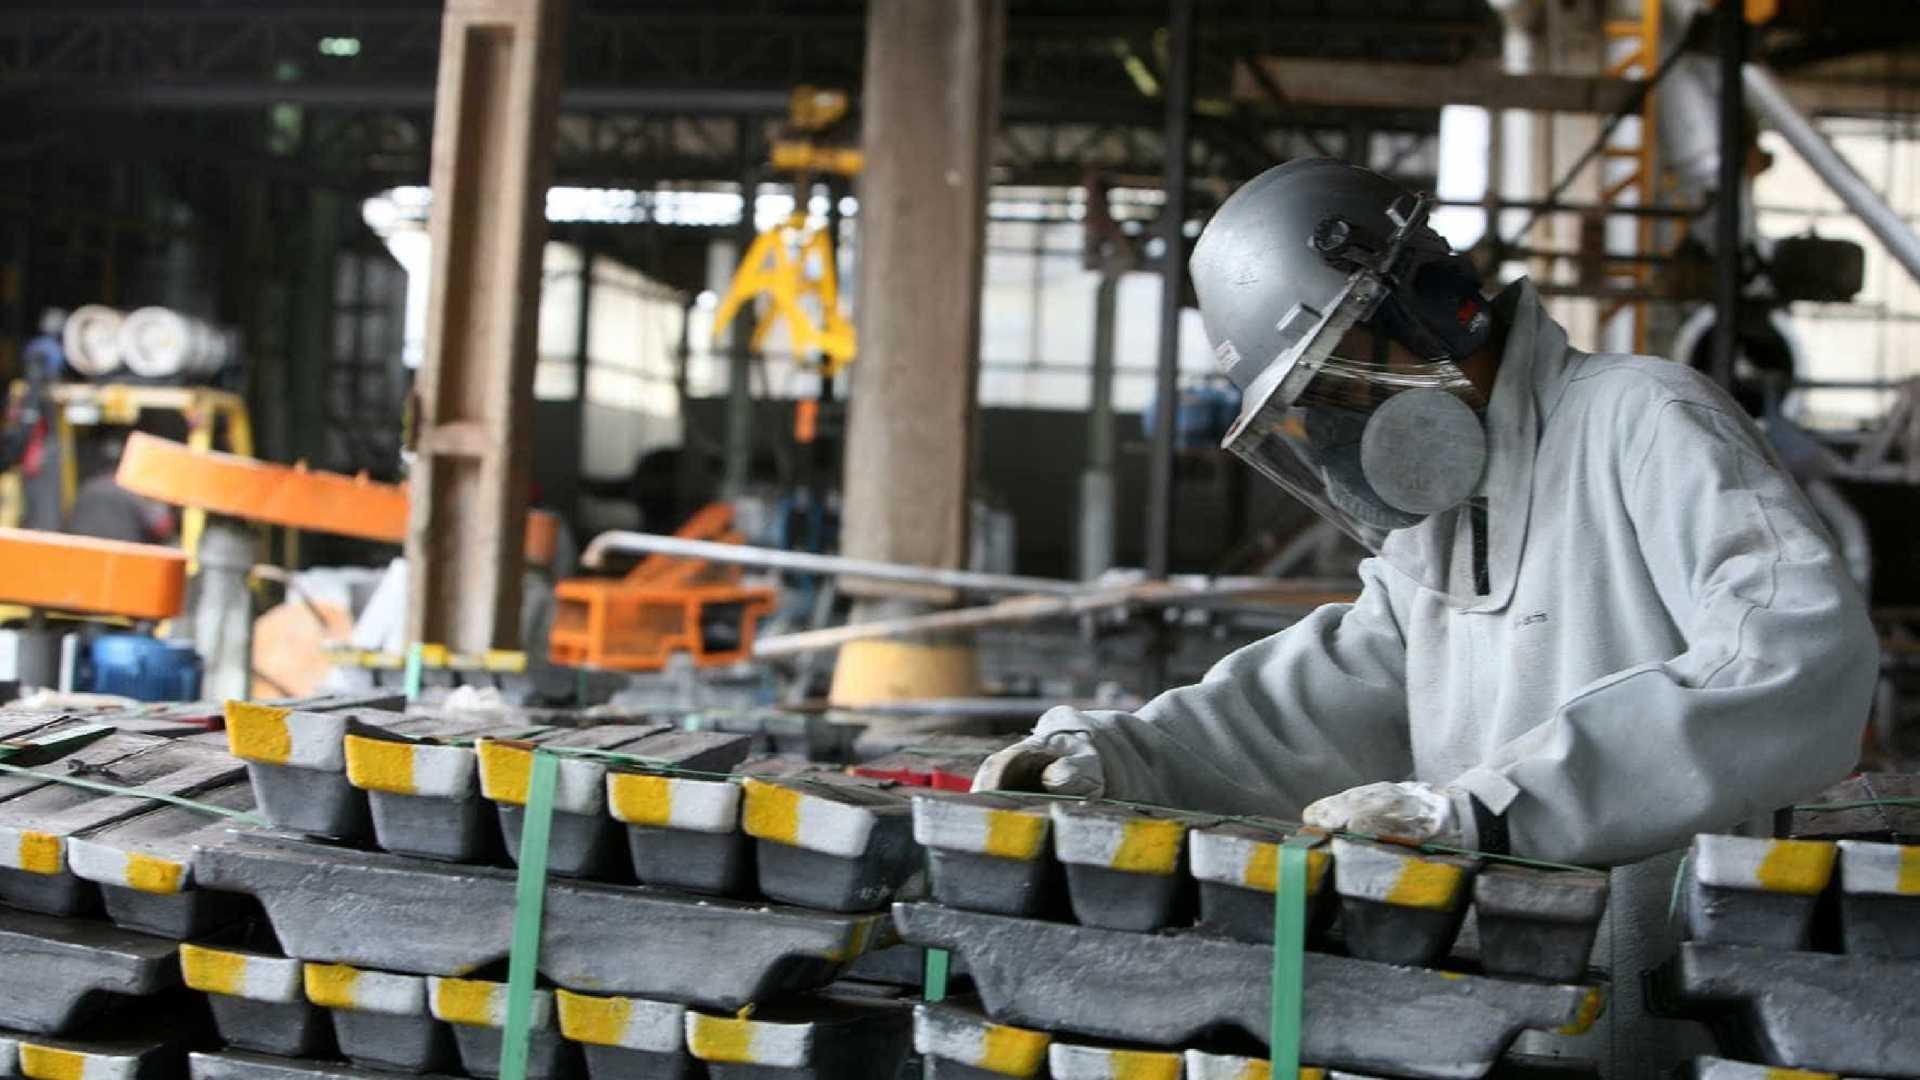 [VAGA2018] – Multinacional abre vagas de emprego para Operador de Produção em Simões Filho